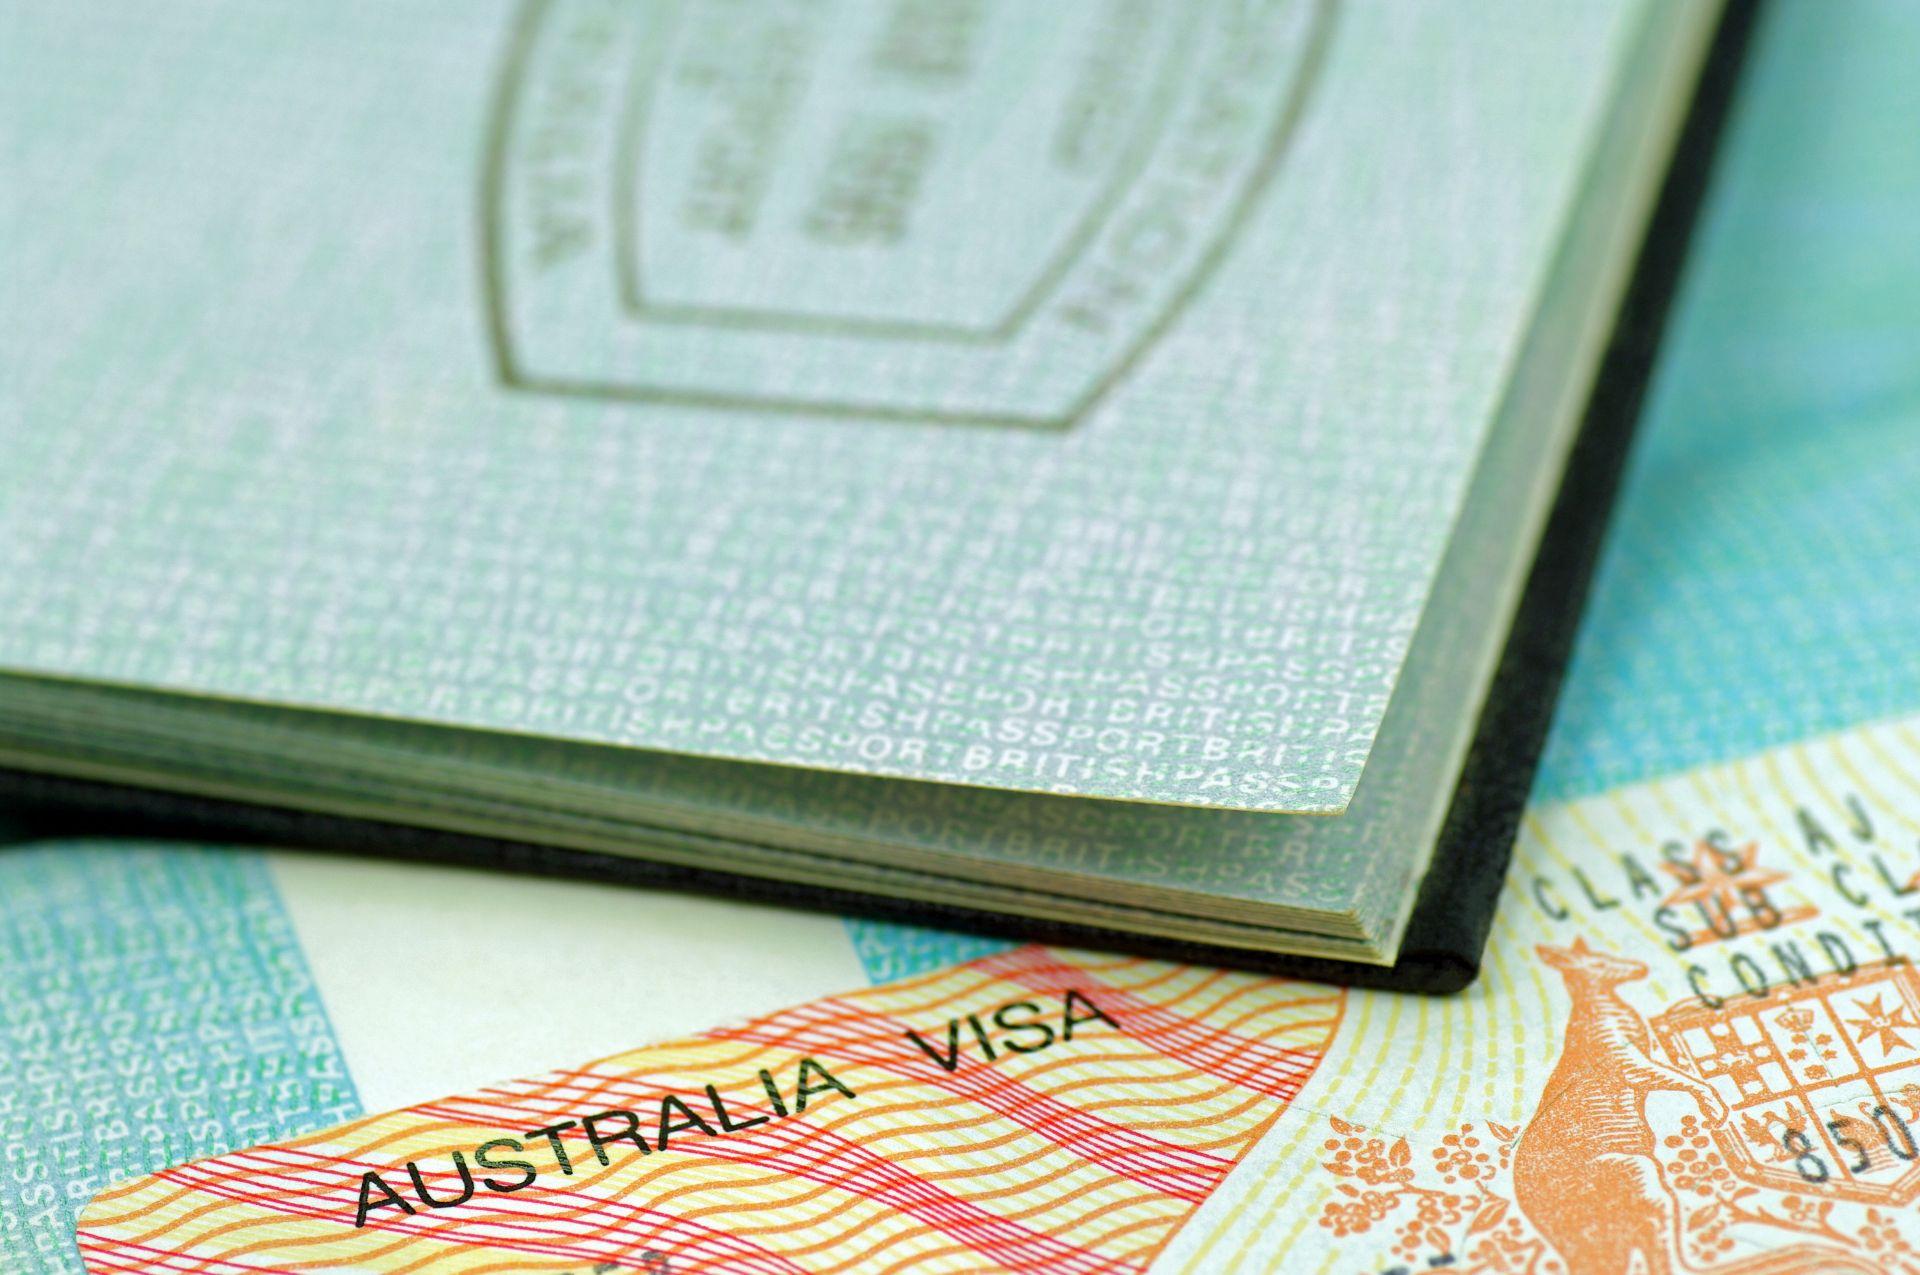 Work and holiday víza do Austrálie